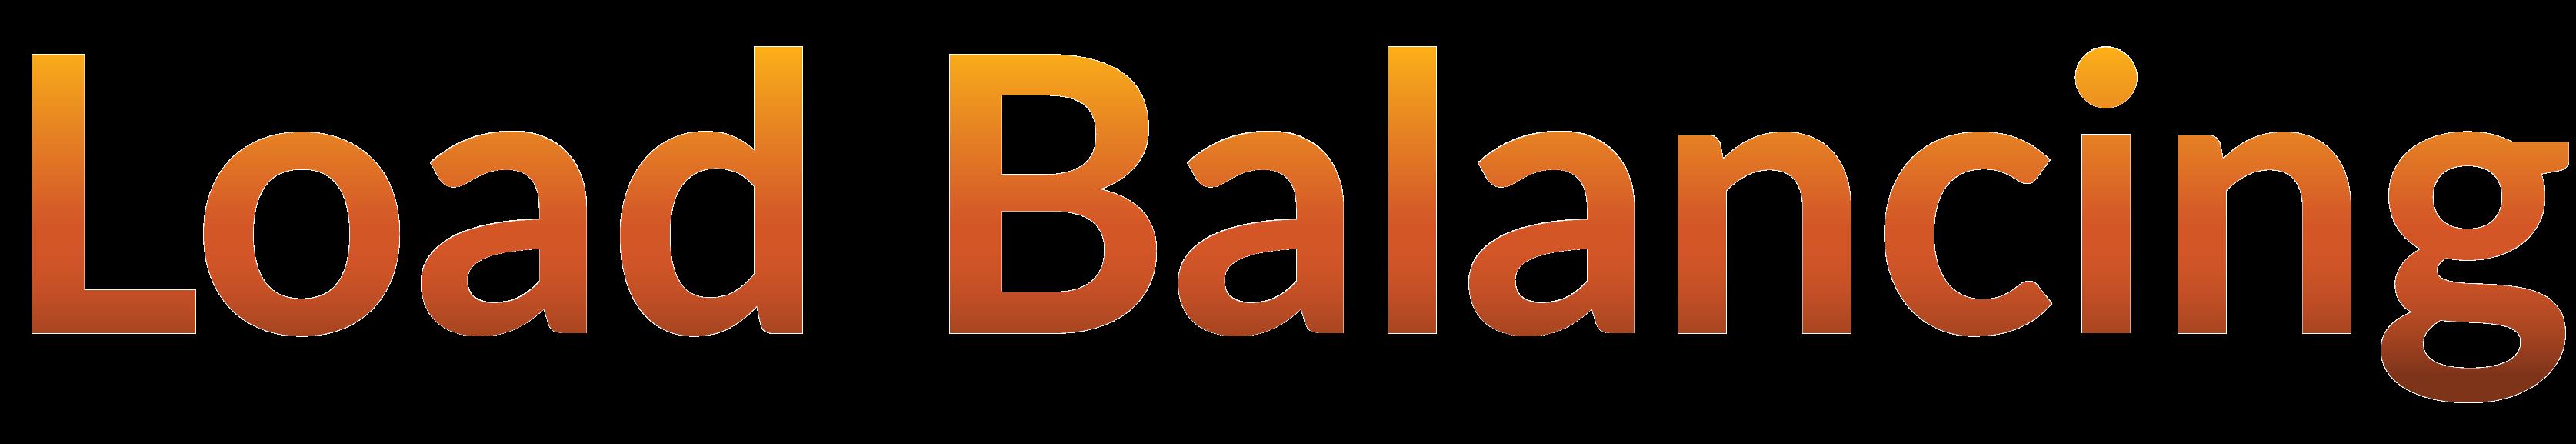 Load Balancing logo